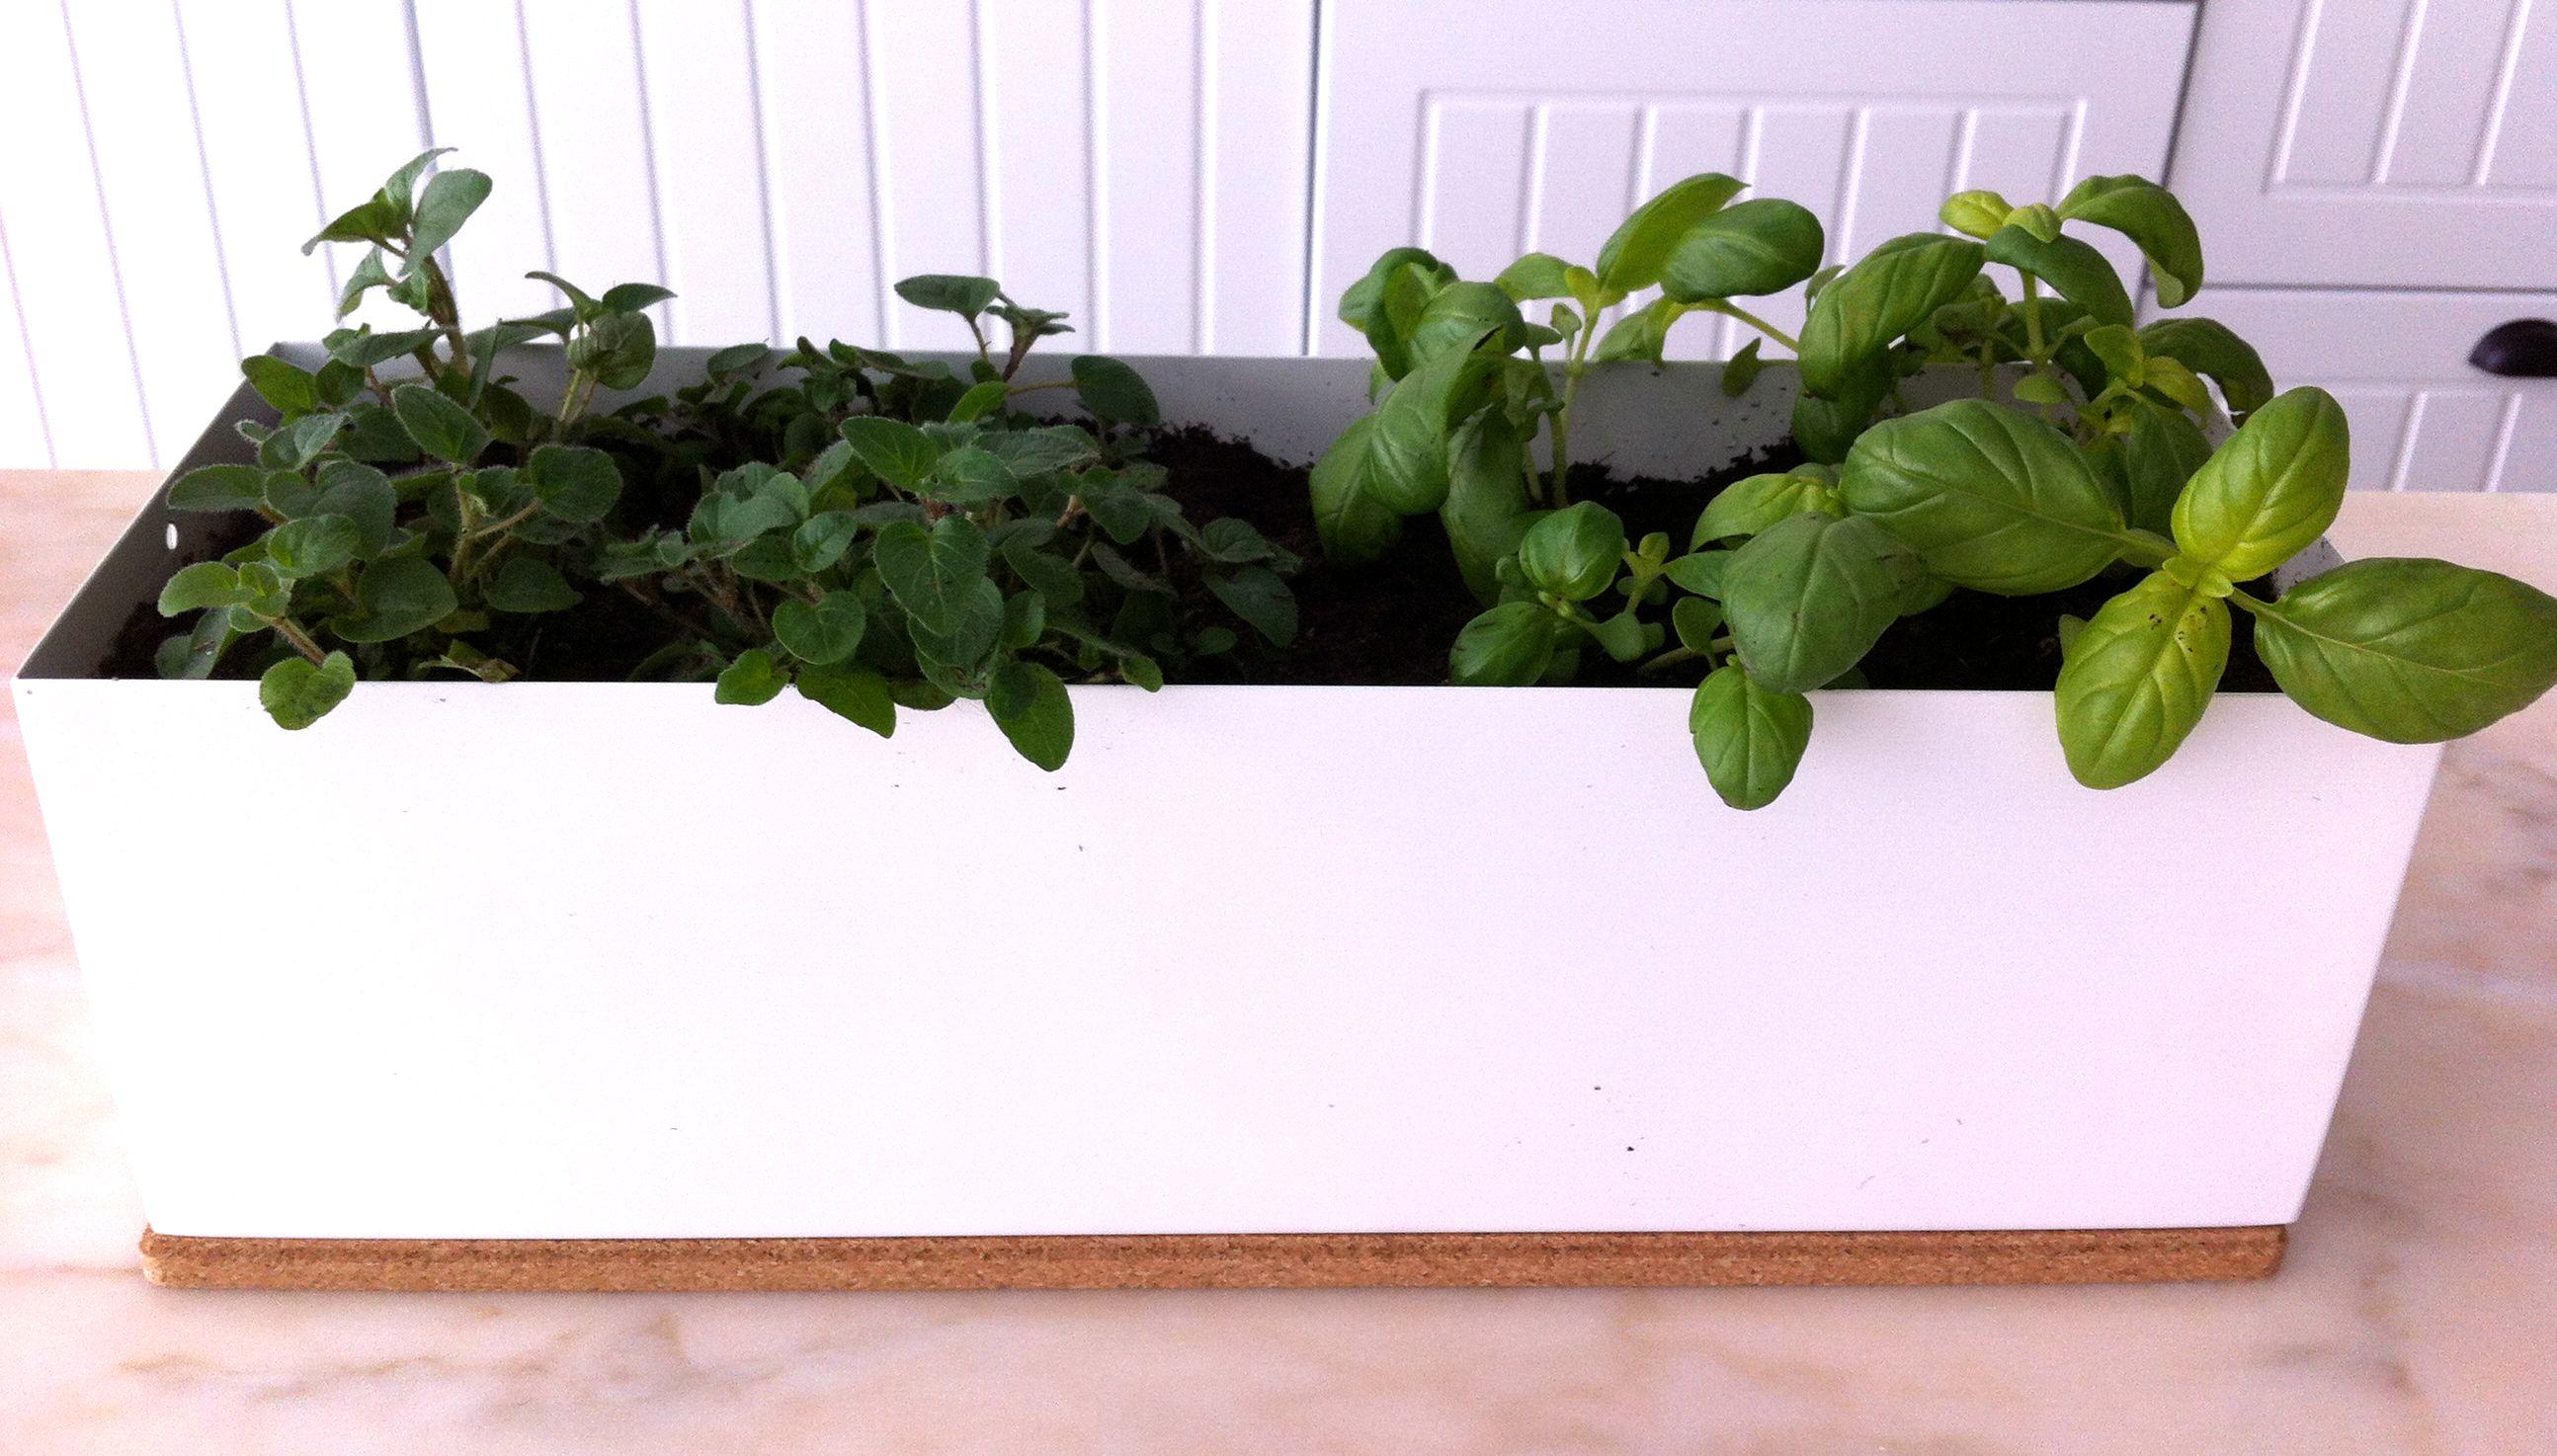 Mini-horta Life in a bag com hortelã e manjericão